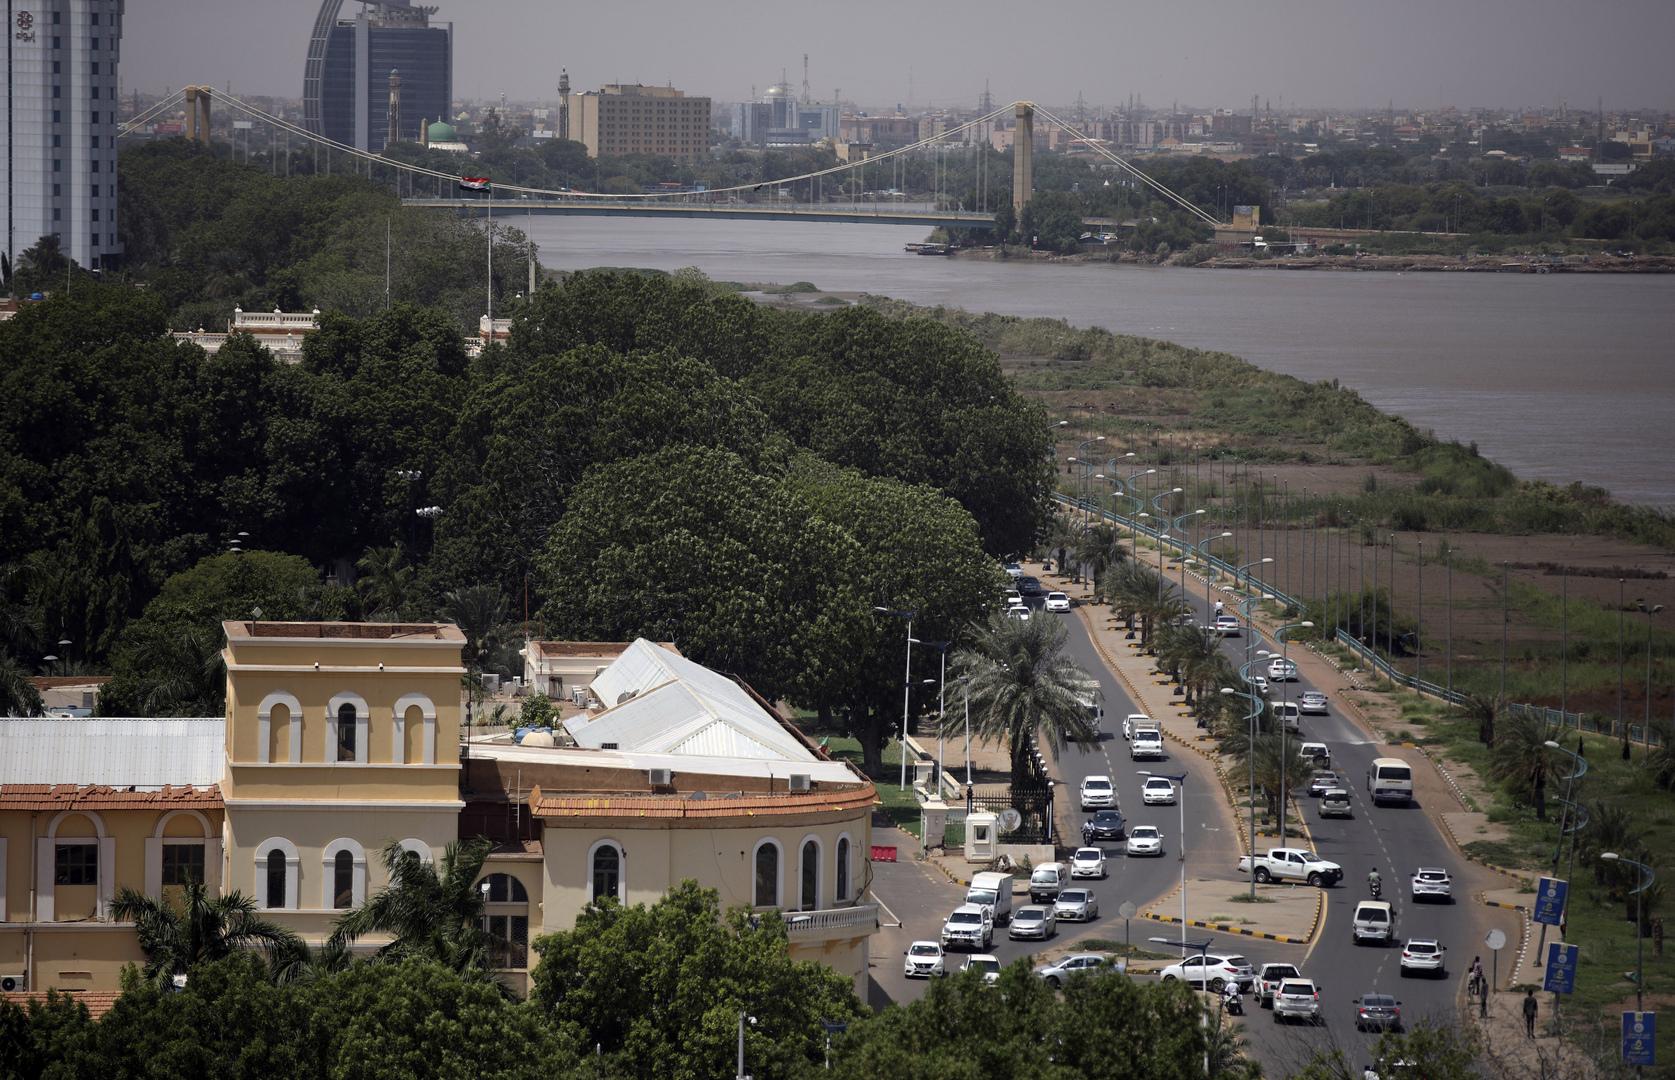 واشنطن تدعو لمحاسبة المتورطين في انقلاب السودان الفاشل